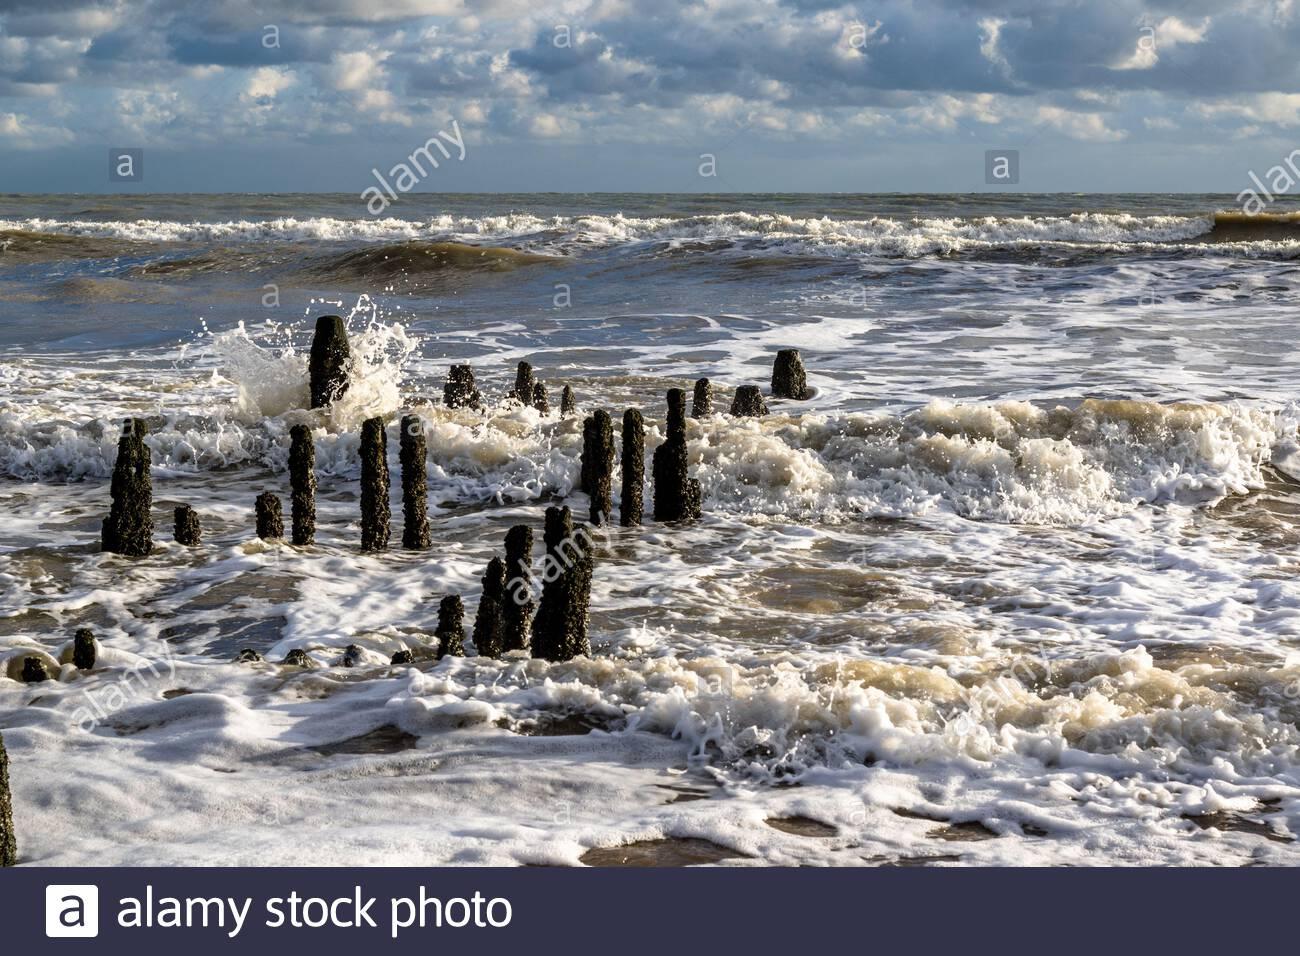 Los mares ásperos rompen sobre los restos de las defensas de madera del mar en el sol de otoño de la tarde, playa de Rye Harbor, Sussex del este, Reino Unido Foto de stock